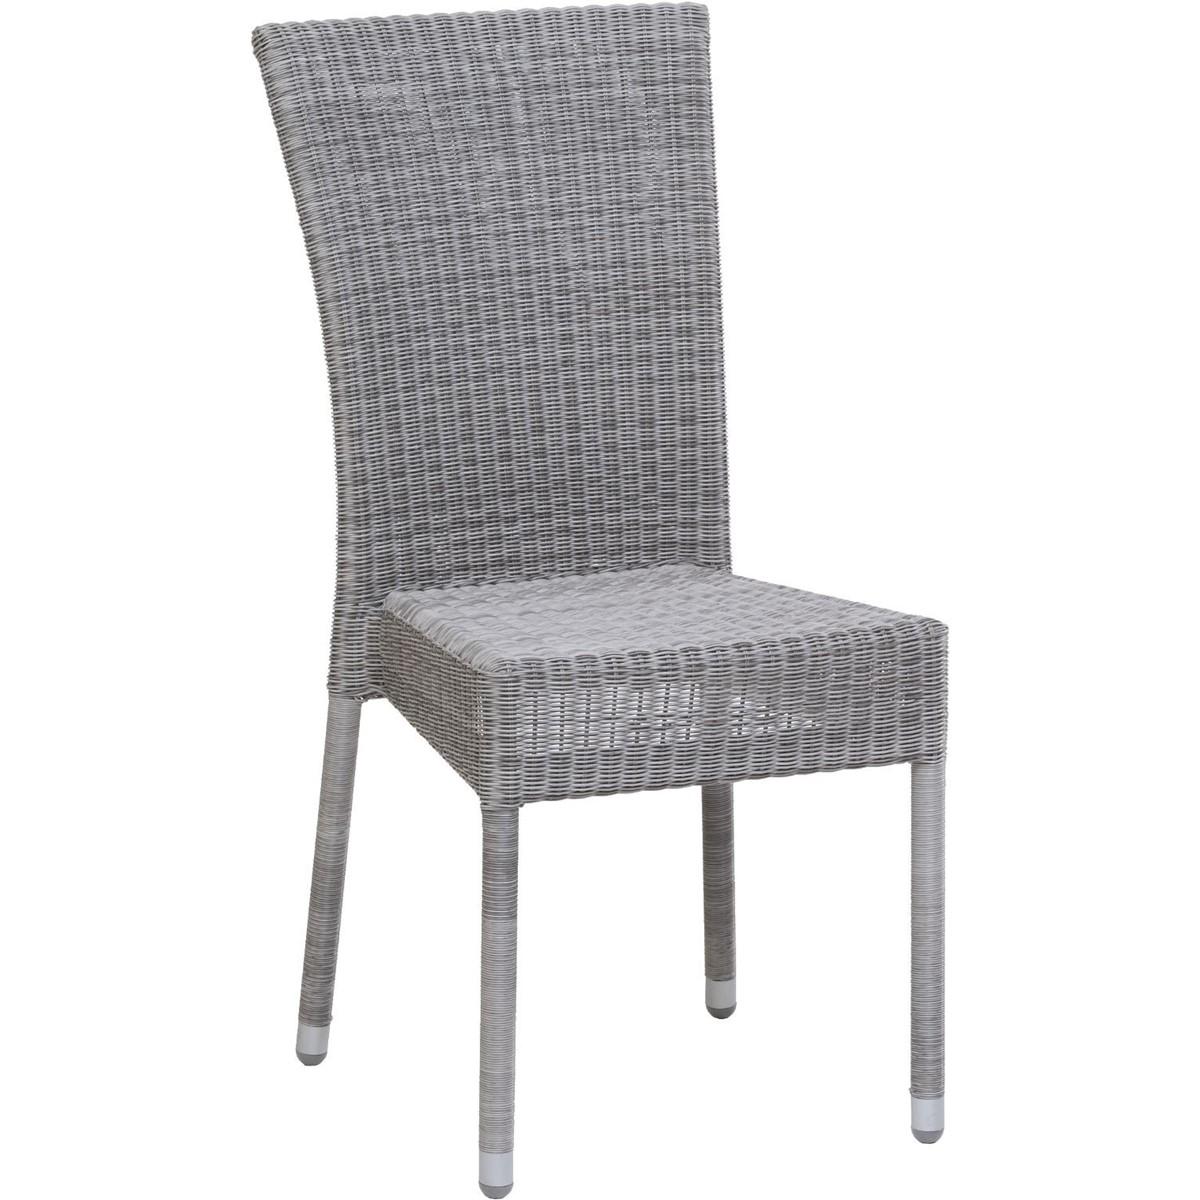 Chaise de jardin tressée en résine gris